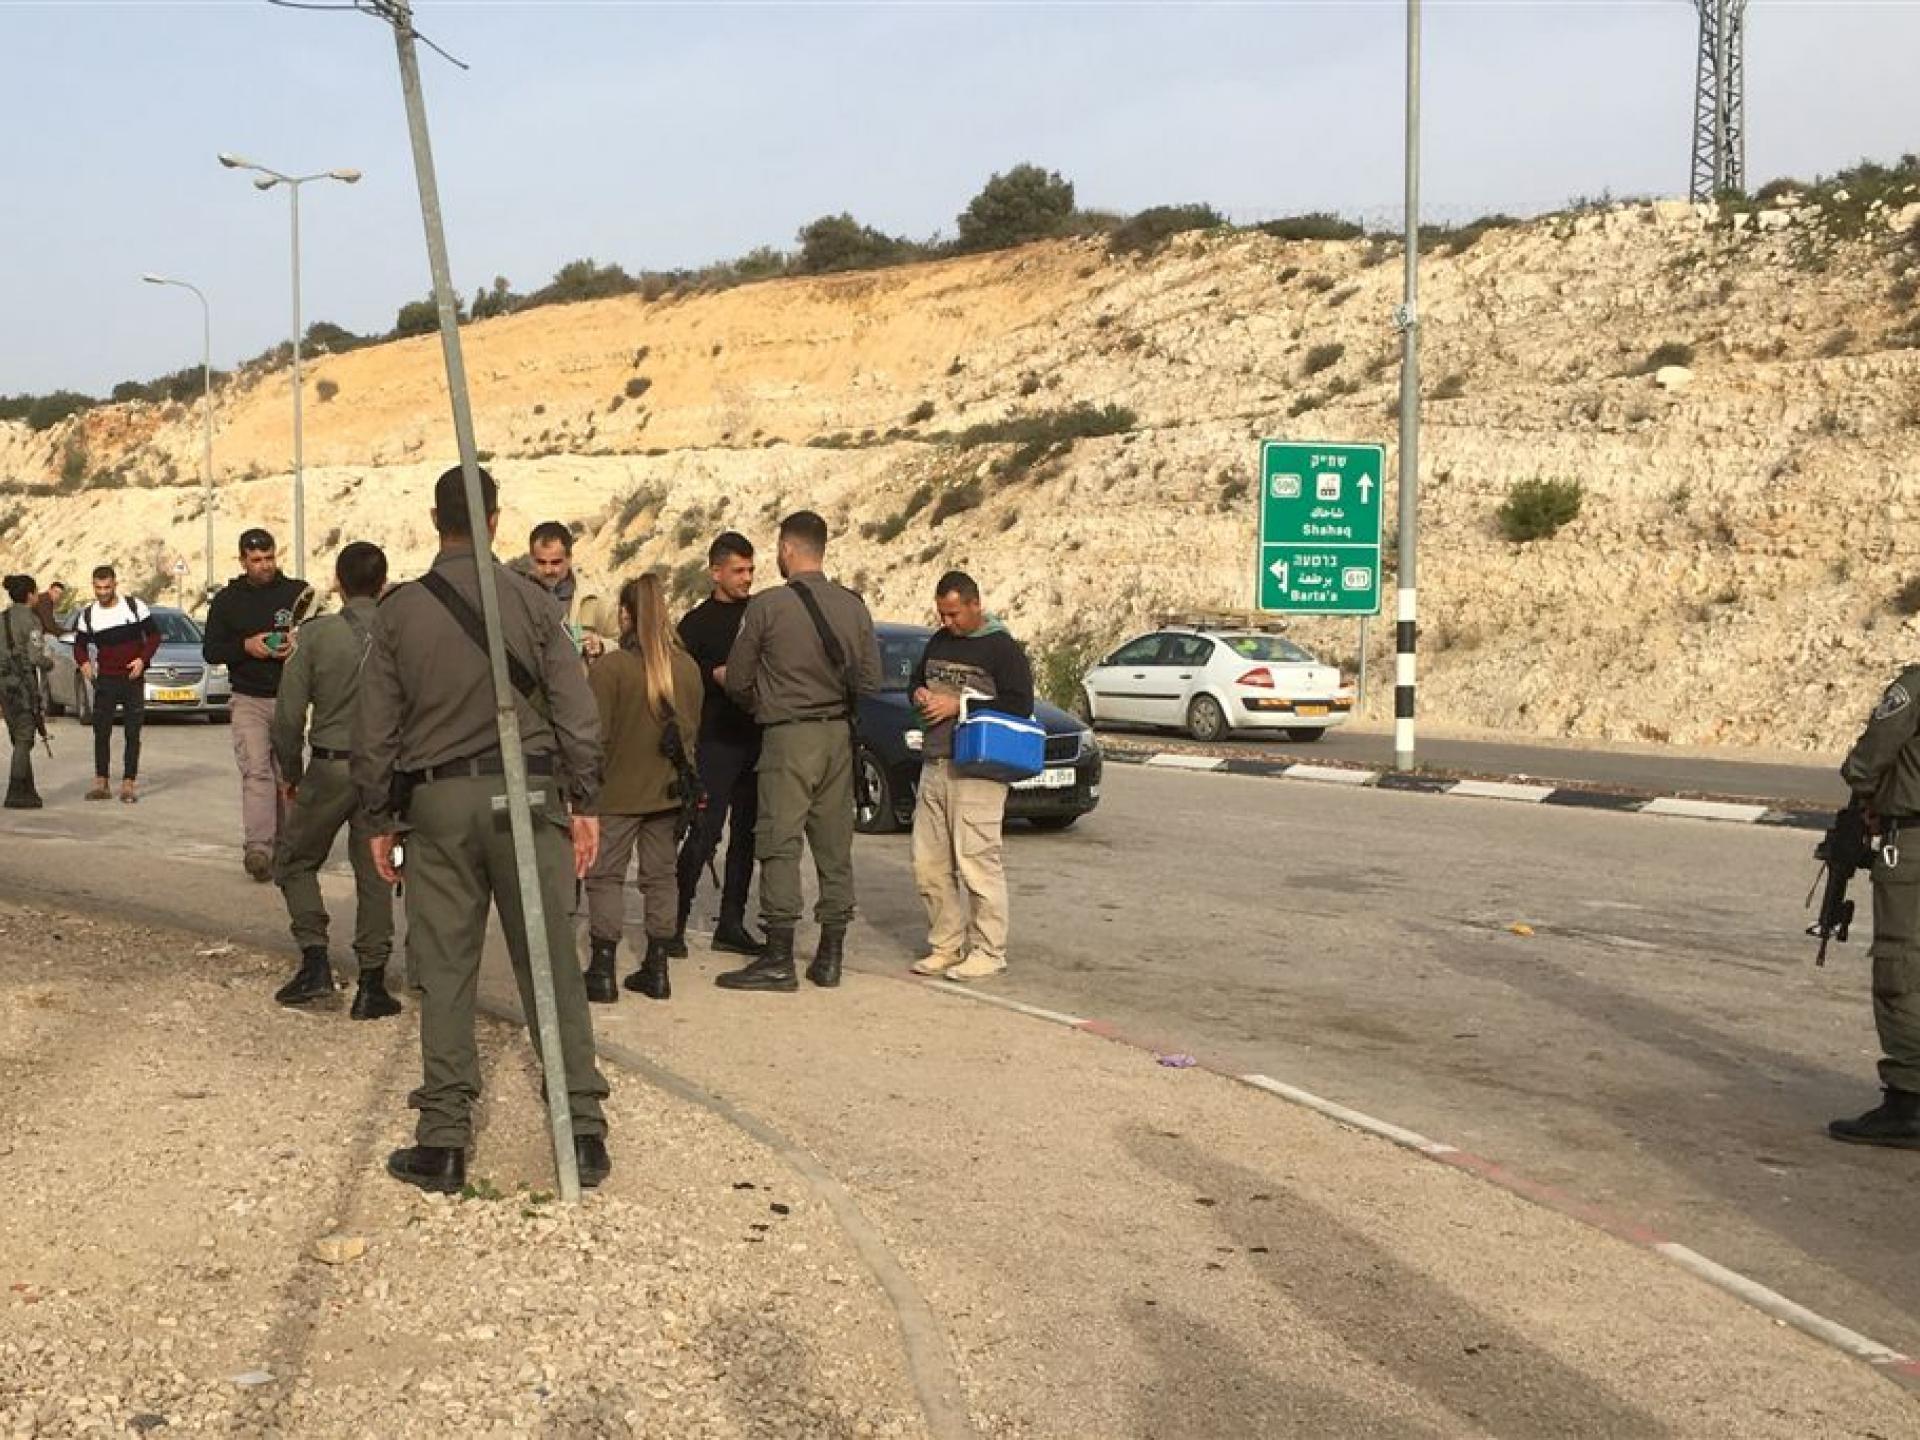 מחסום ברטעה: משמר הגבול עורך בדיקת פתע בחניון הצפוני